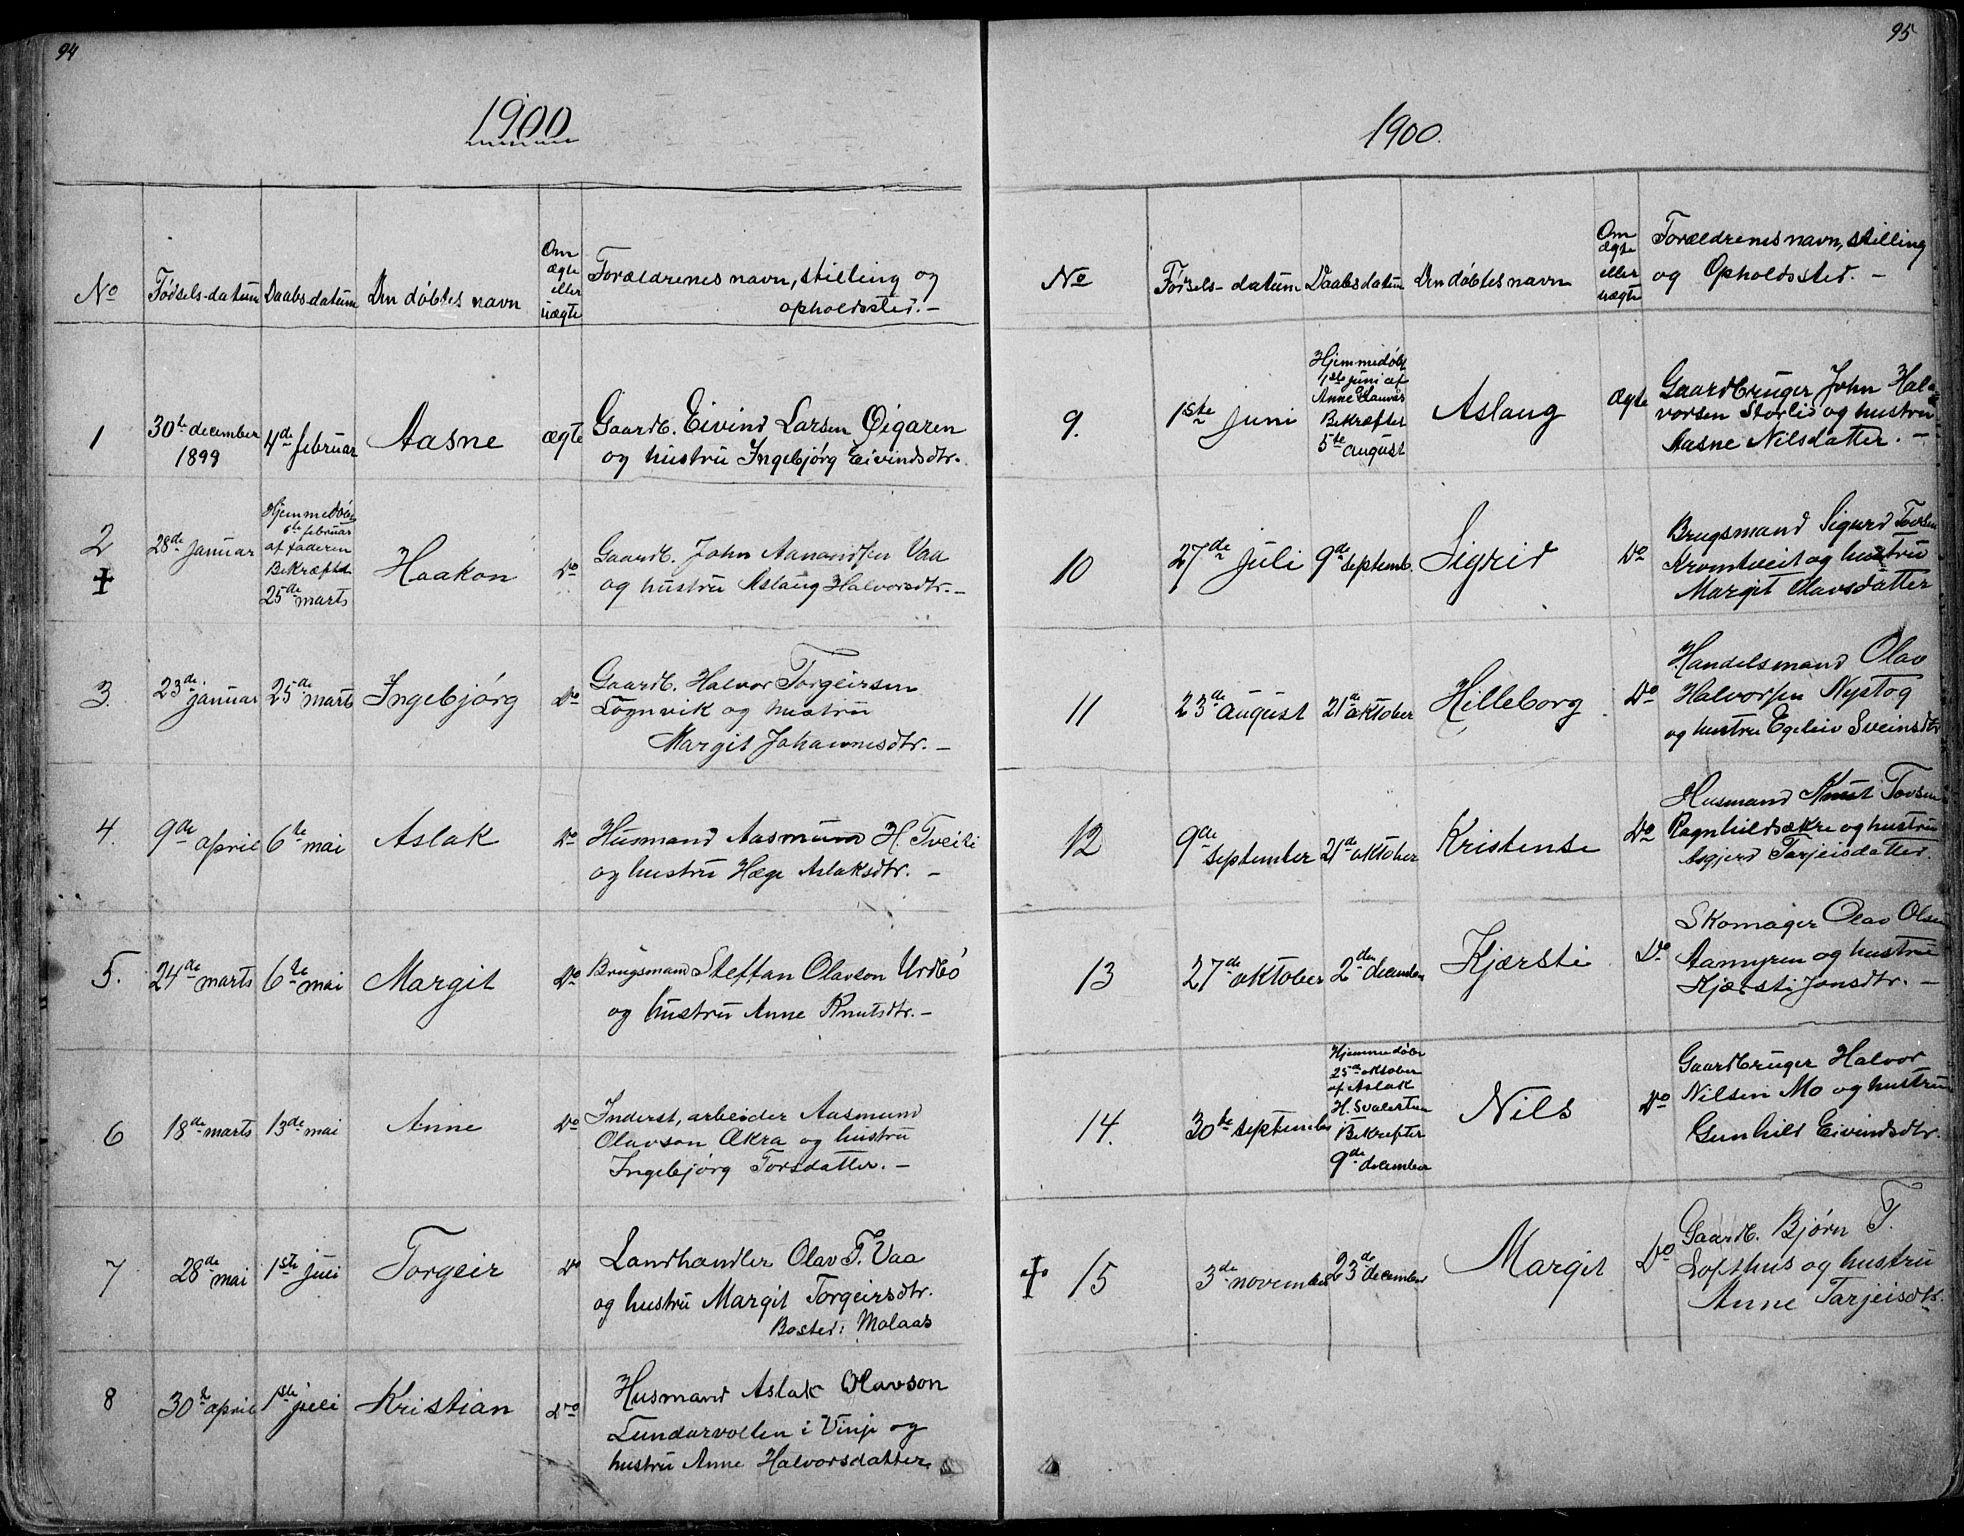 SAKO, Rauland kirkebøker, G/Ga/L0002: Klokkerbok nr. I 2, 1849-1935, s. 94-95